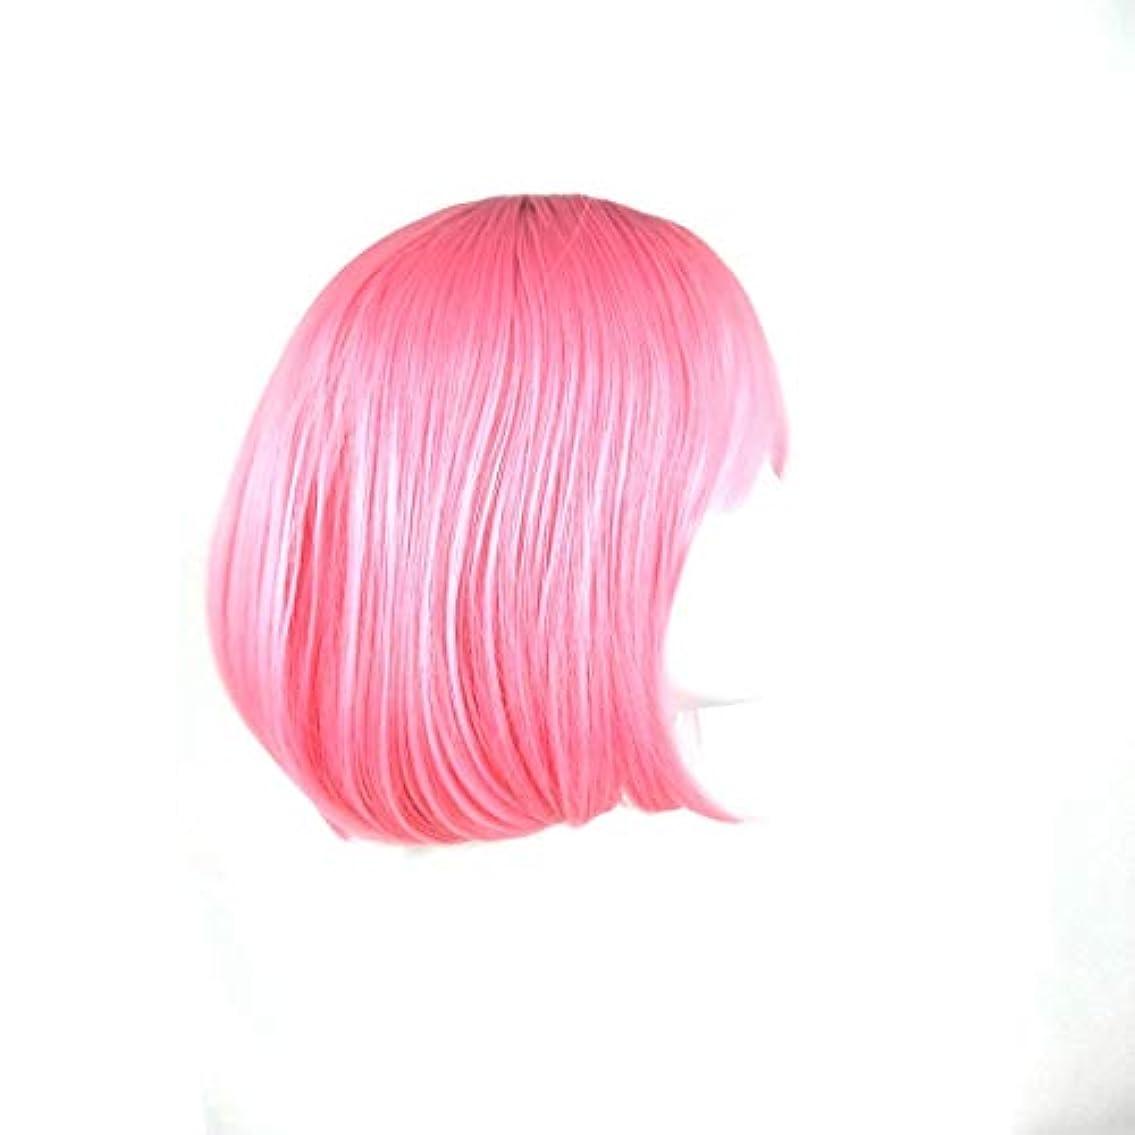 見落とすする必要があるダーベビルのテスSummerys ピンクのかつらショートストレートヘアーボブウィッグ人工毛ナチュラルな耐熱性女性用